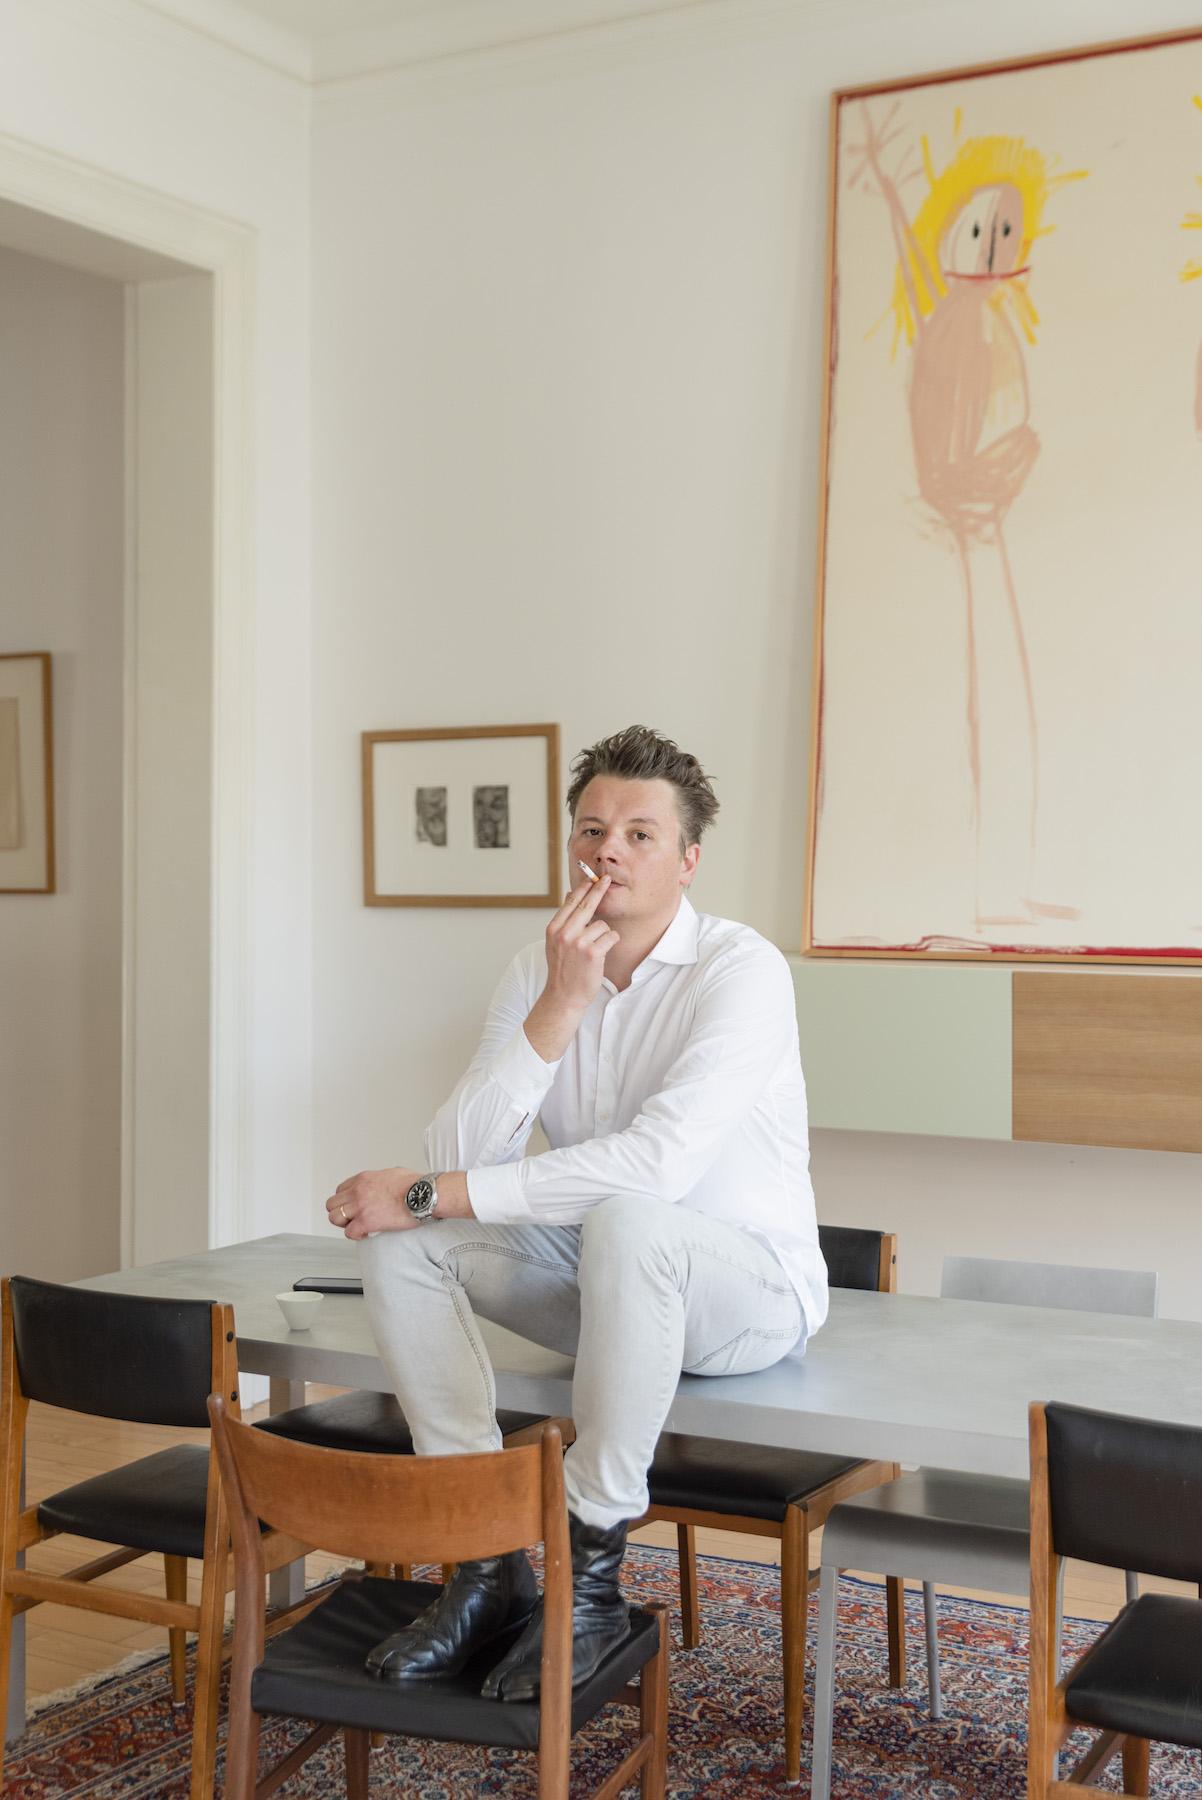 Joris Beernaert sitting in front of a work by Andi Fischer. Photo: Alexandra Bertels. Courtesy of Joris Beernaert.